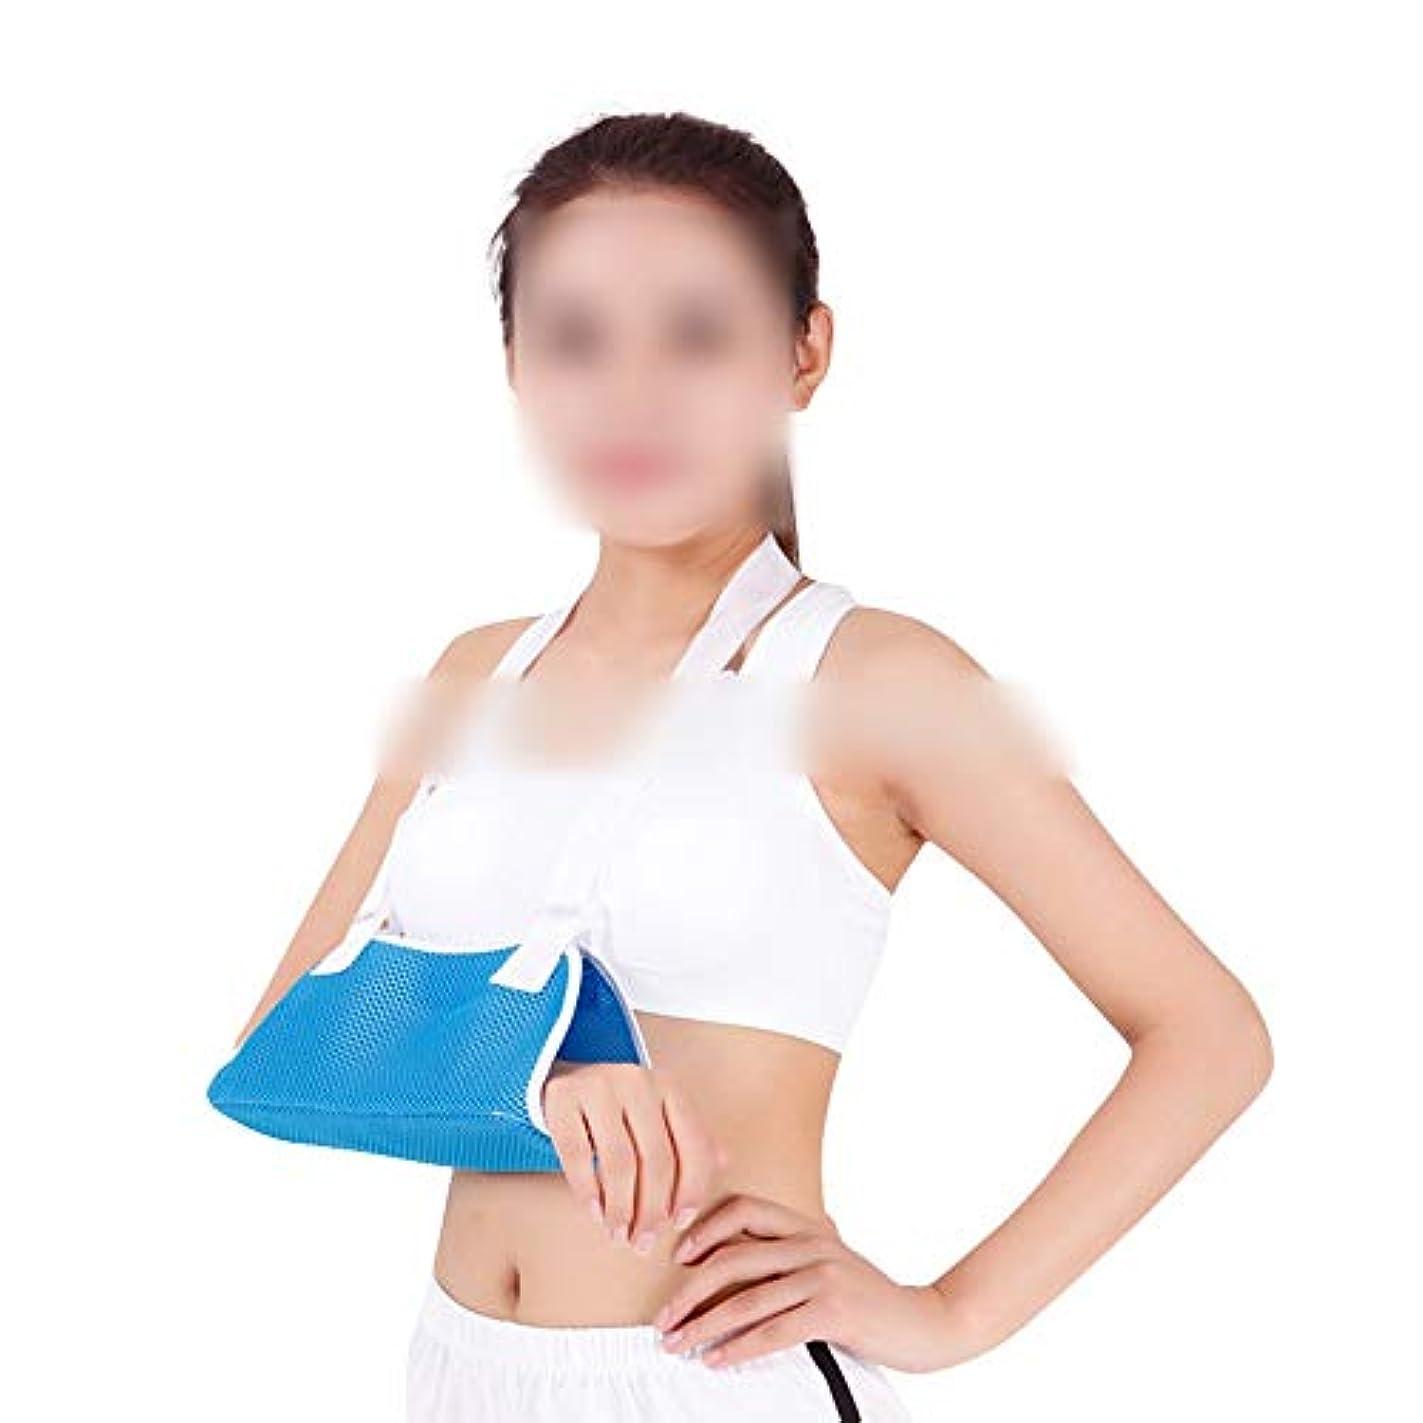 自殺がっかりしたアルミニウムZYL-YL 通気性の破壊アームスリング肘前腕スリング固定前腕肘関節固定装具装具のメッシュツール (色 : 黒)